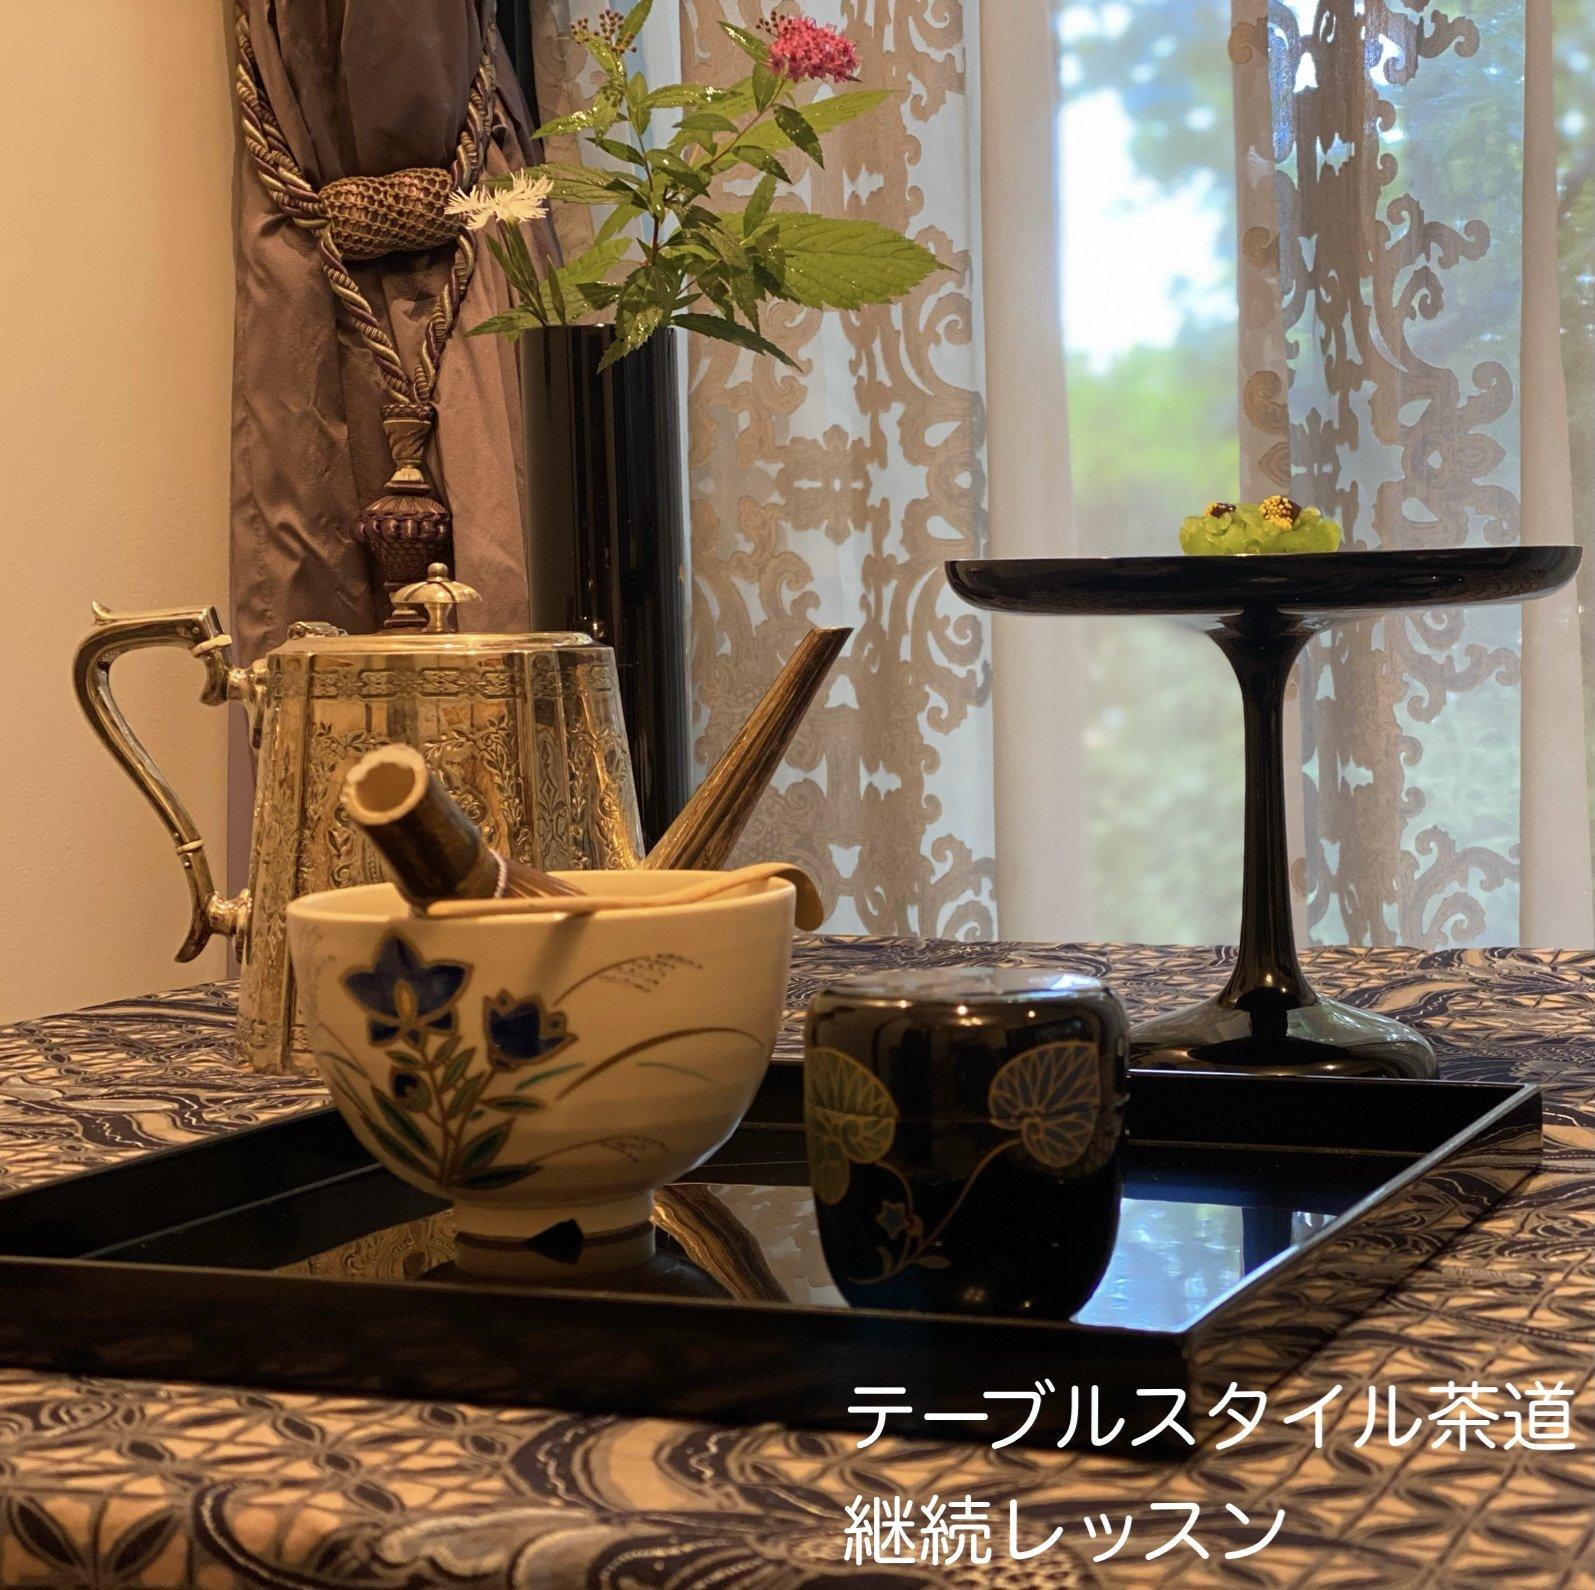 【オンライン・テーブルスタイル茶道】継続レッスンのイメージその2